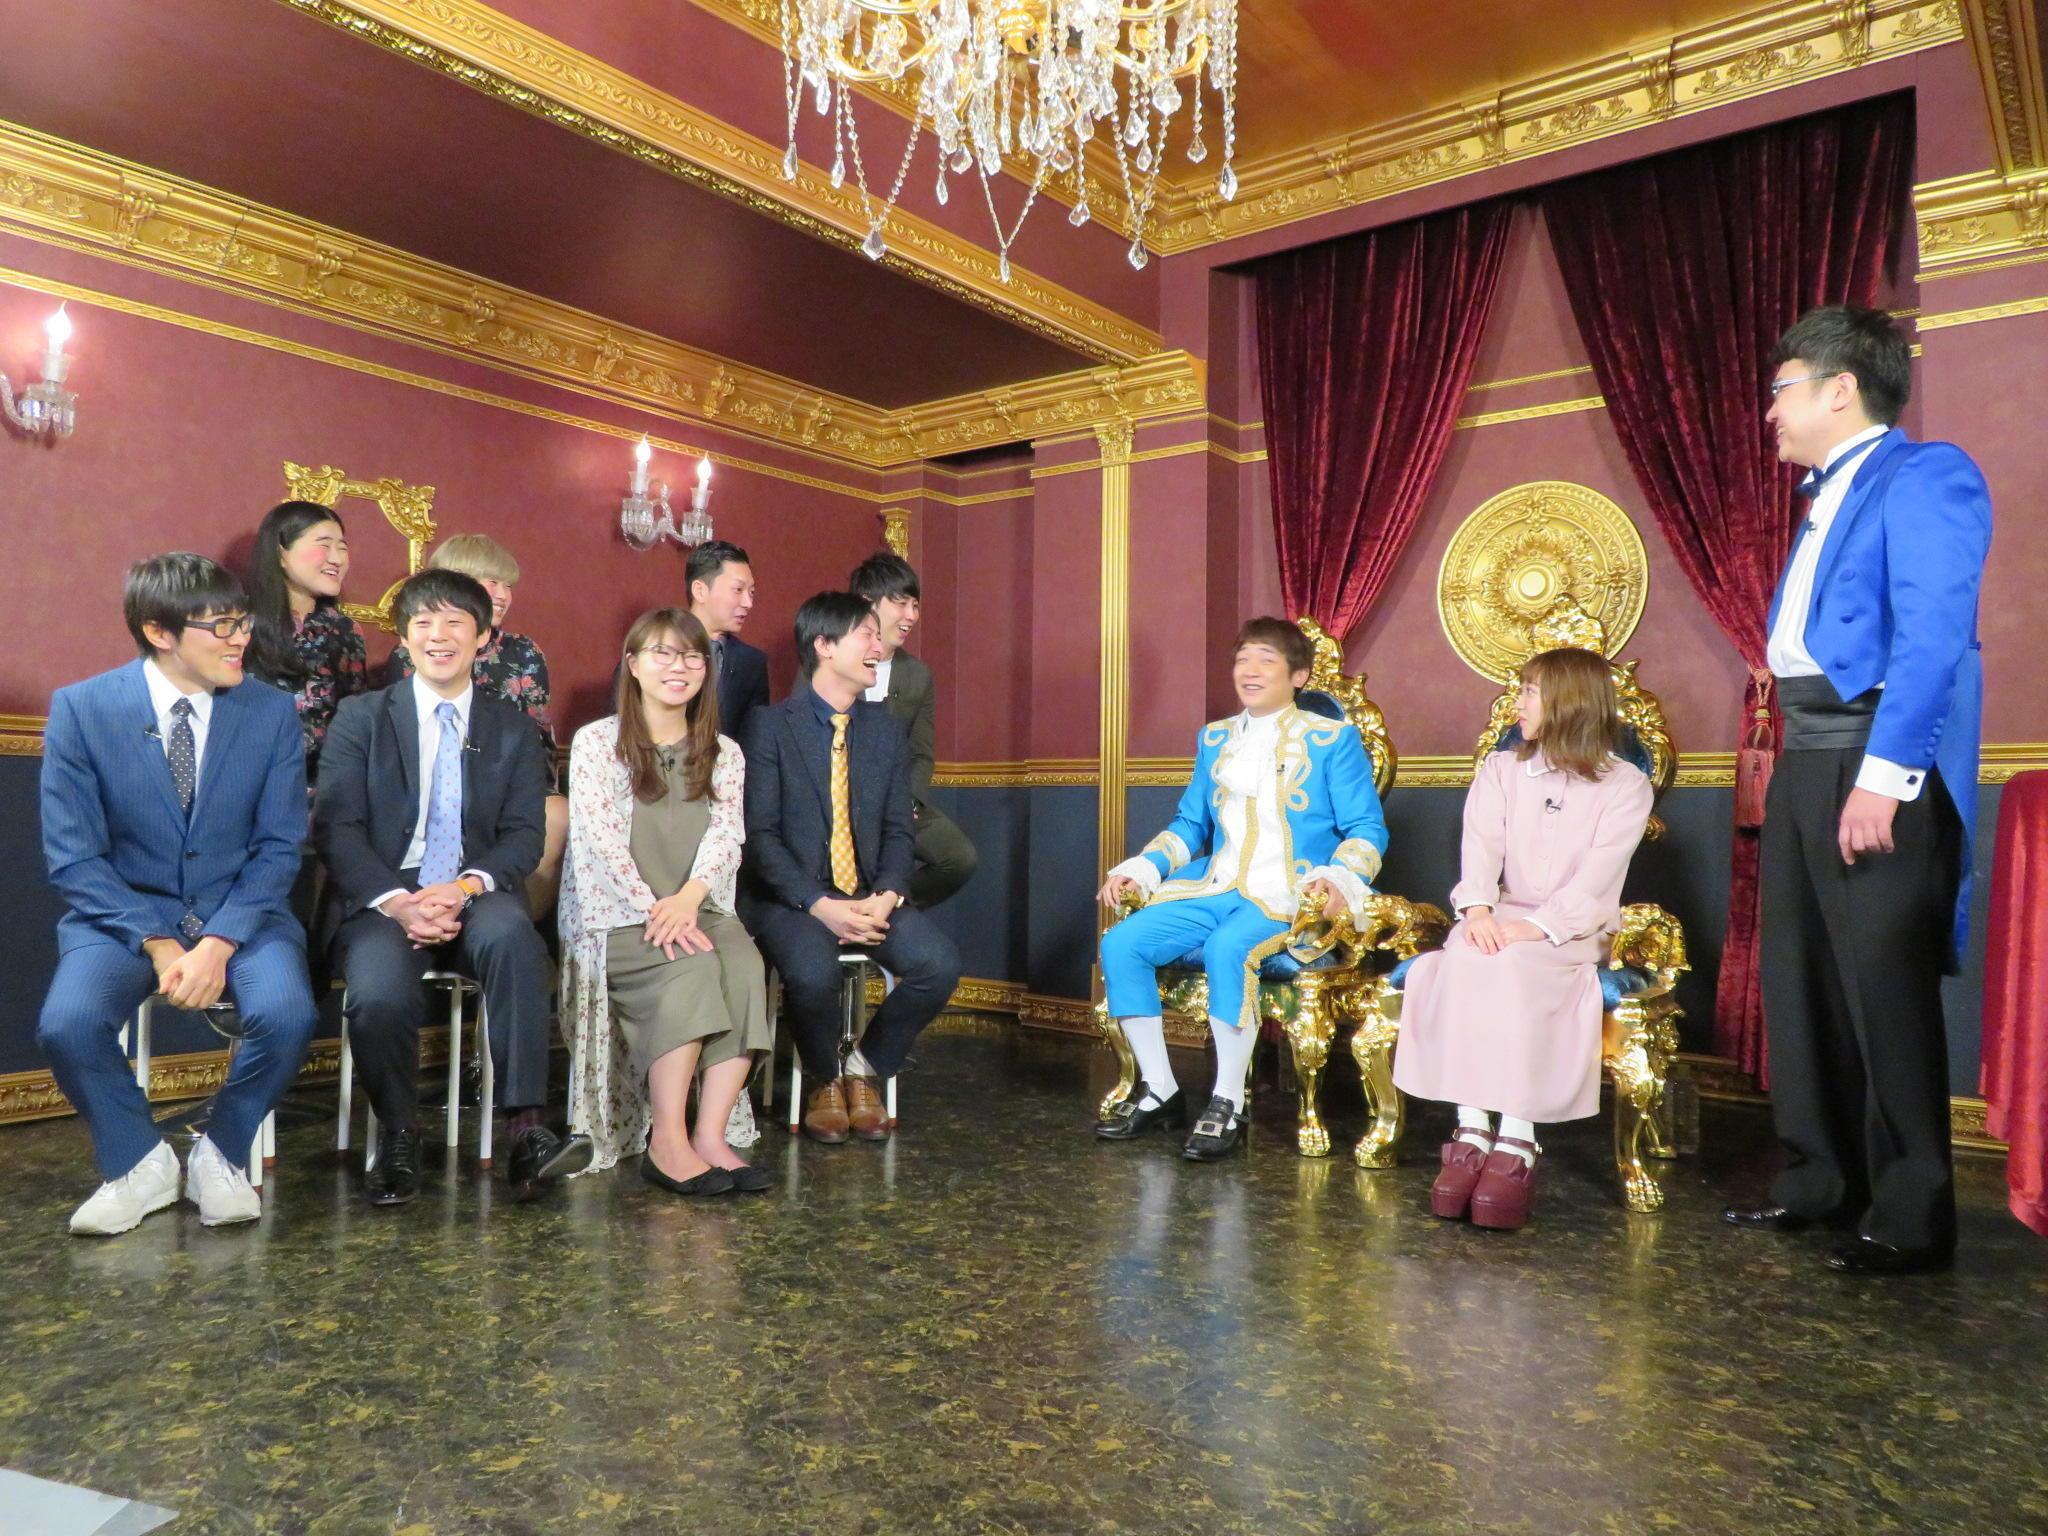 http://news.yoshimoto.co.jp/20180307201426-8a8116c1605e336ea76415419fcf26feddae0214.jpg